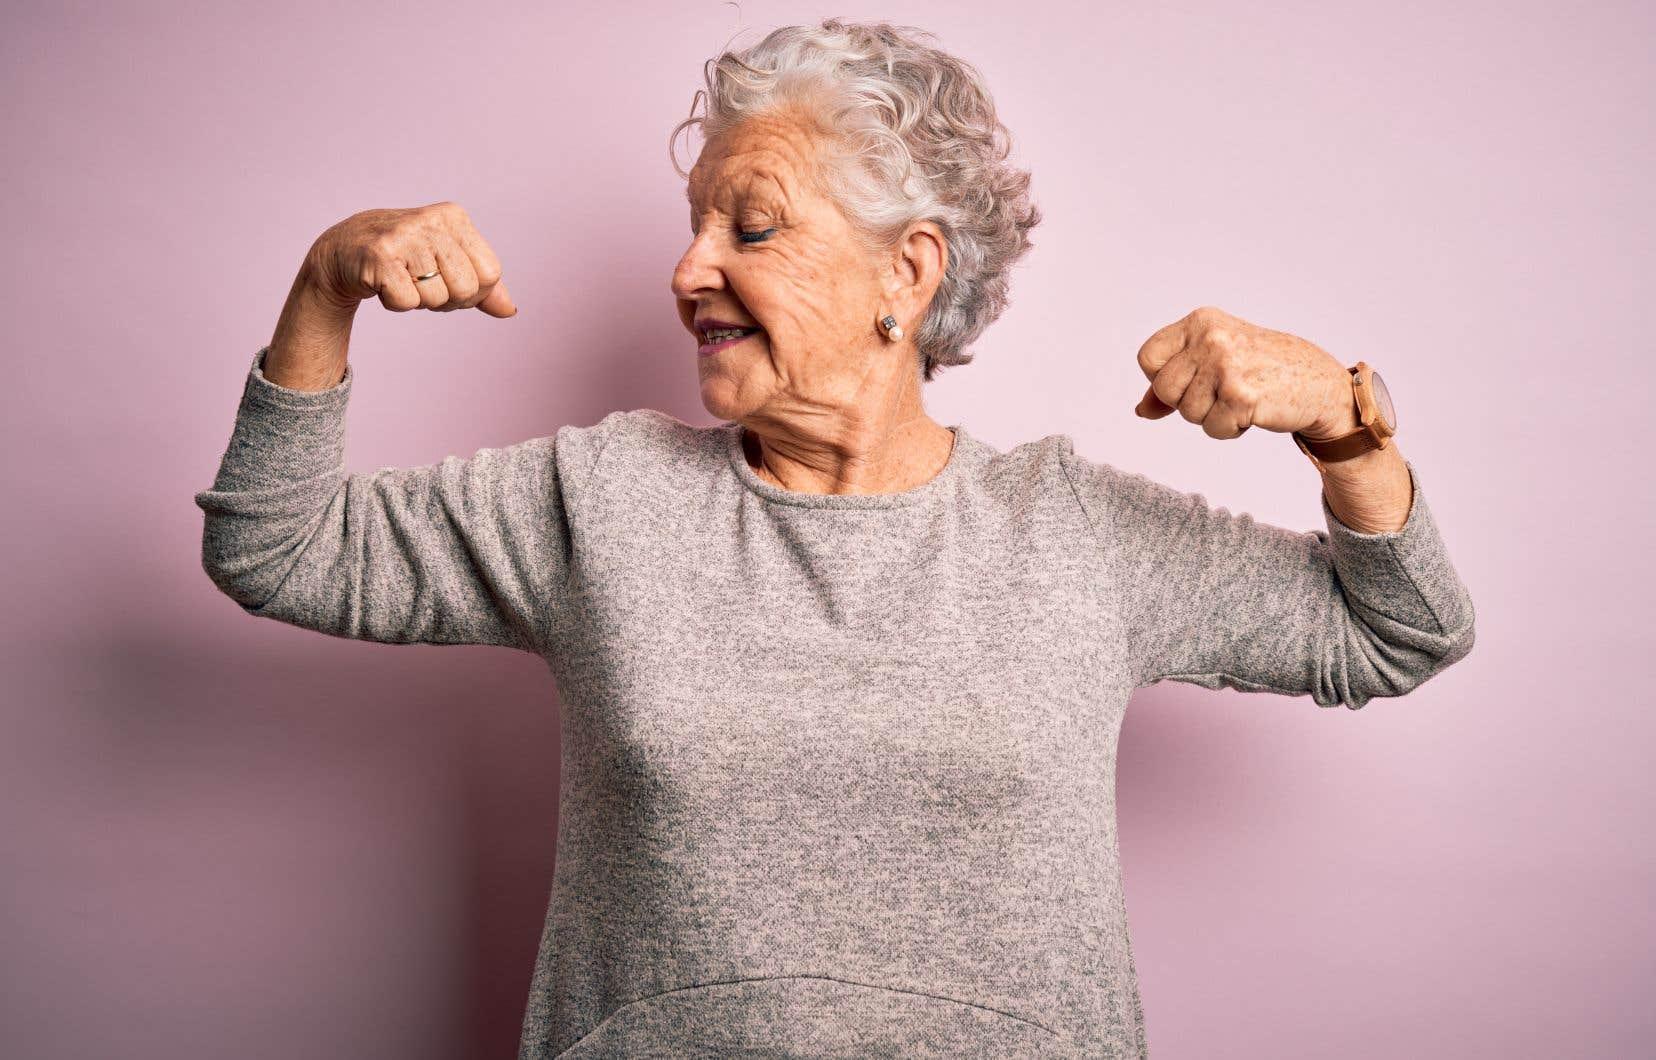 S'activer, briser l'isolement, mieux dormir et se maintenir en santé: recommencer à bouger se fait petit à petit, mais les effets sont perceptibles dès la première journée.